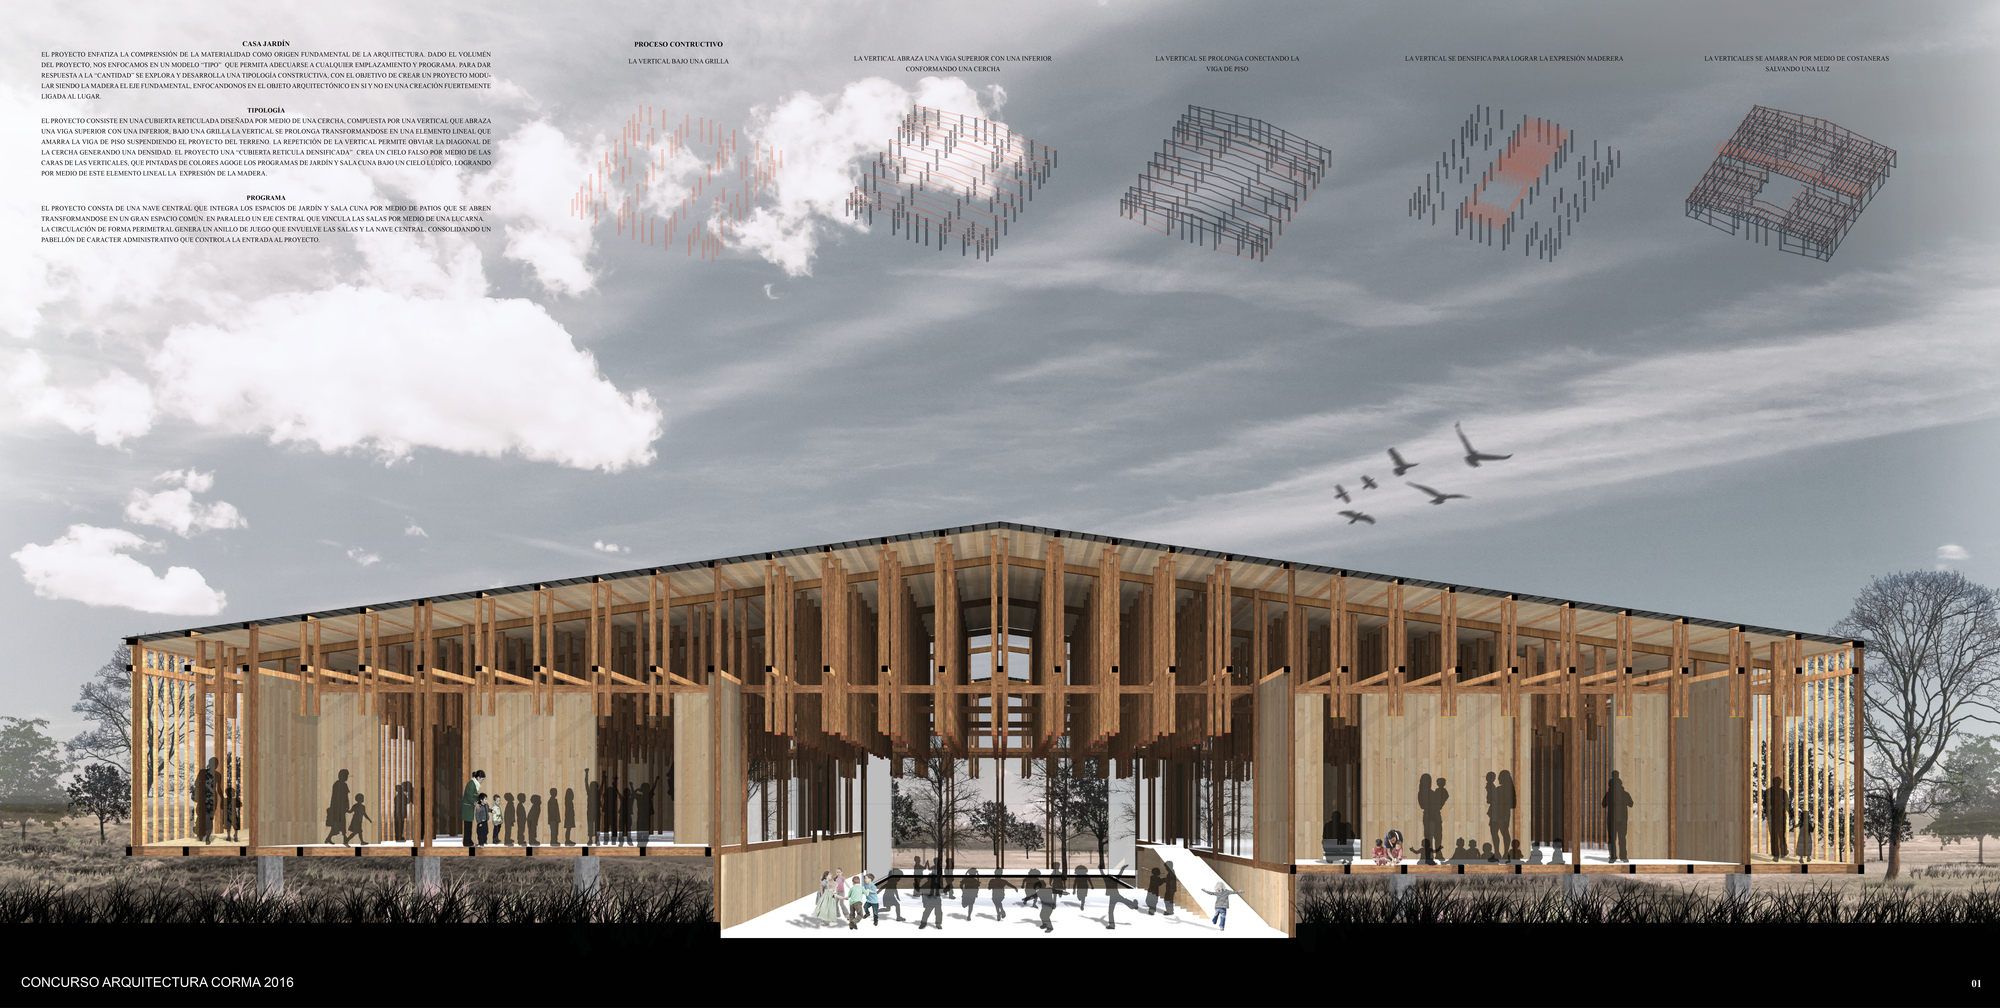 Casa jard n primer lugar del xi concurso corma 2016 for Arquitectura de proyectos